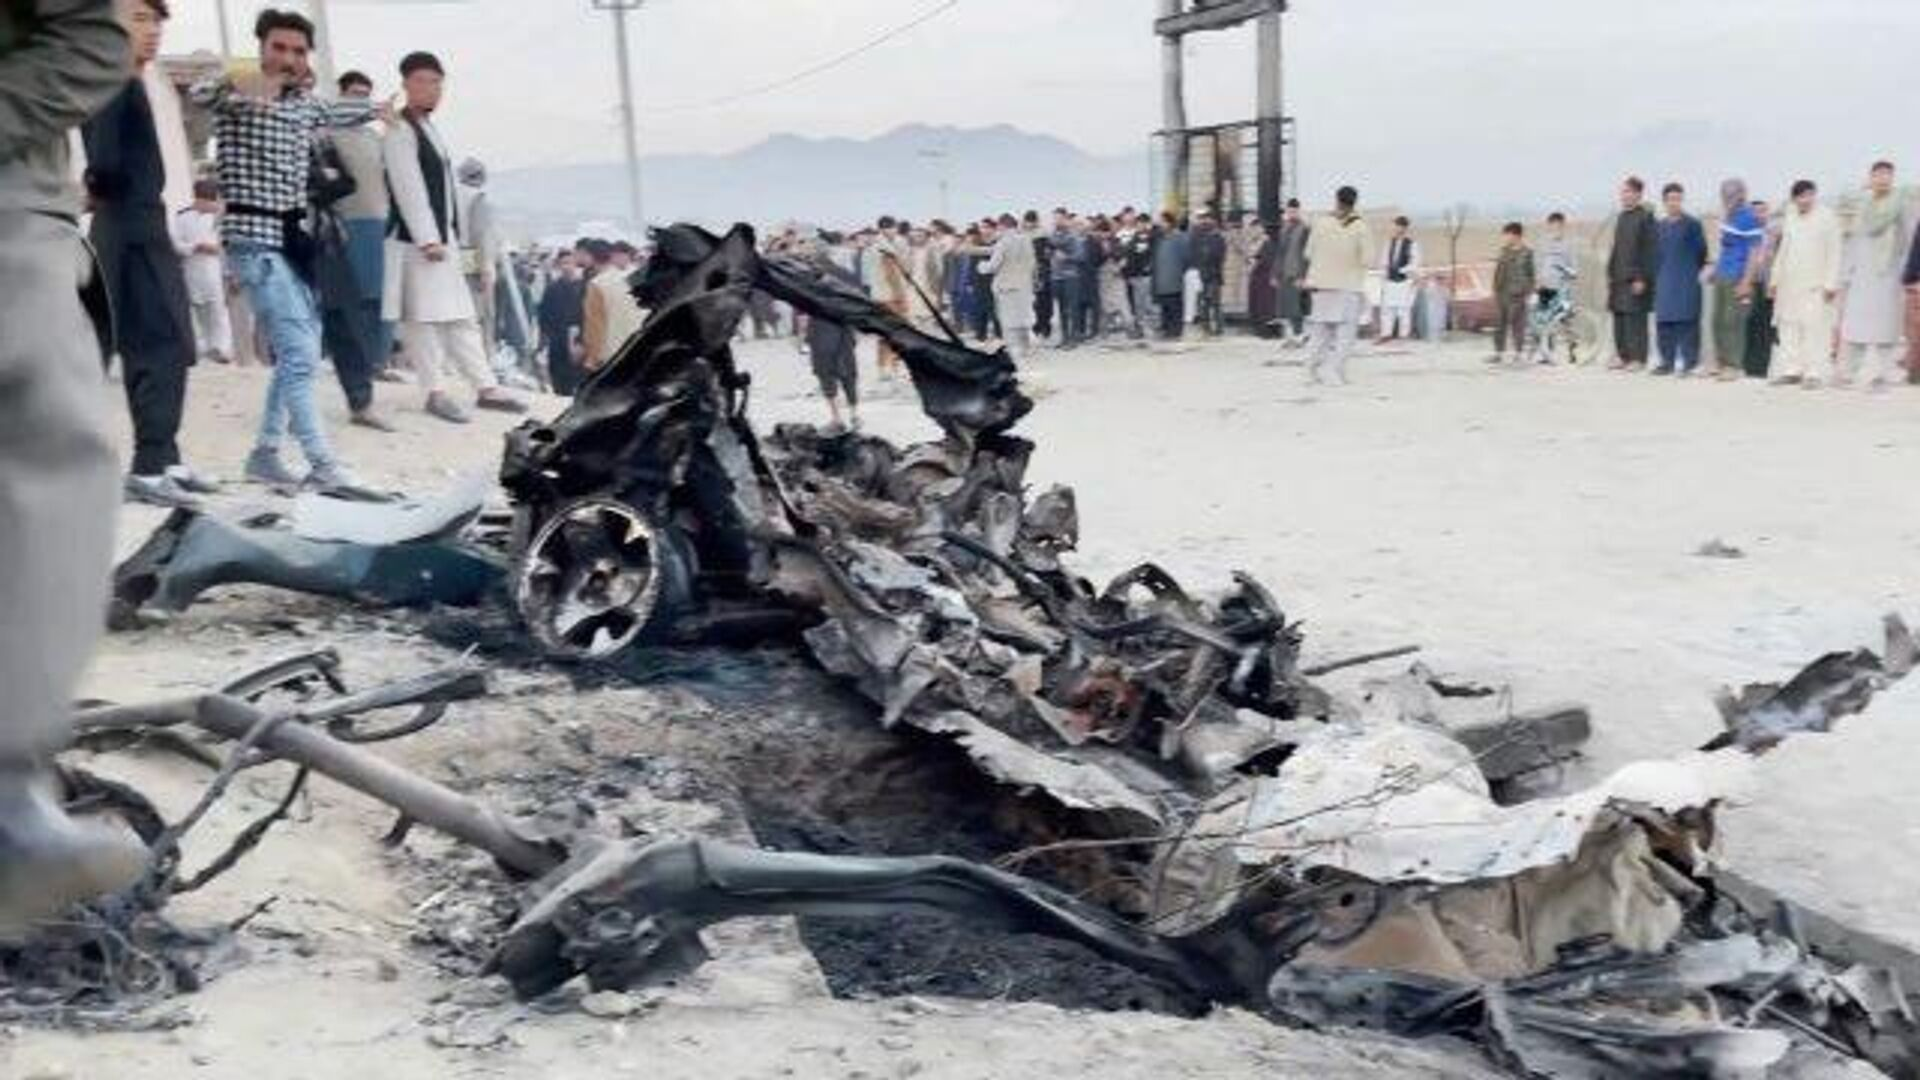 Взрывы в Кабуле: кадры с места трагедии - РИА Новости, 1920, 09.05.2021